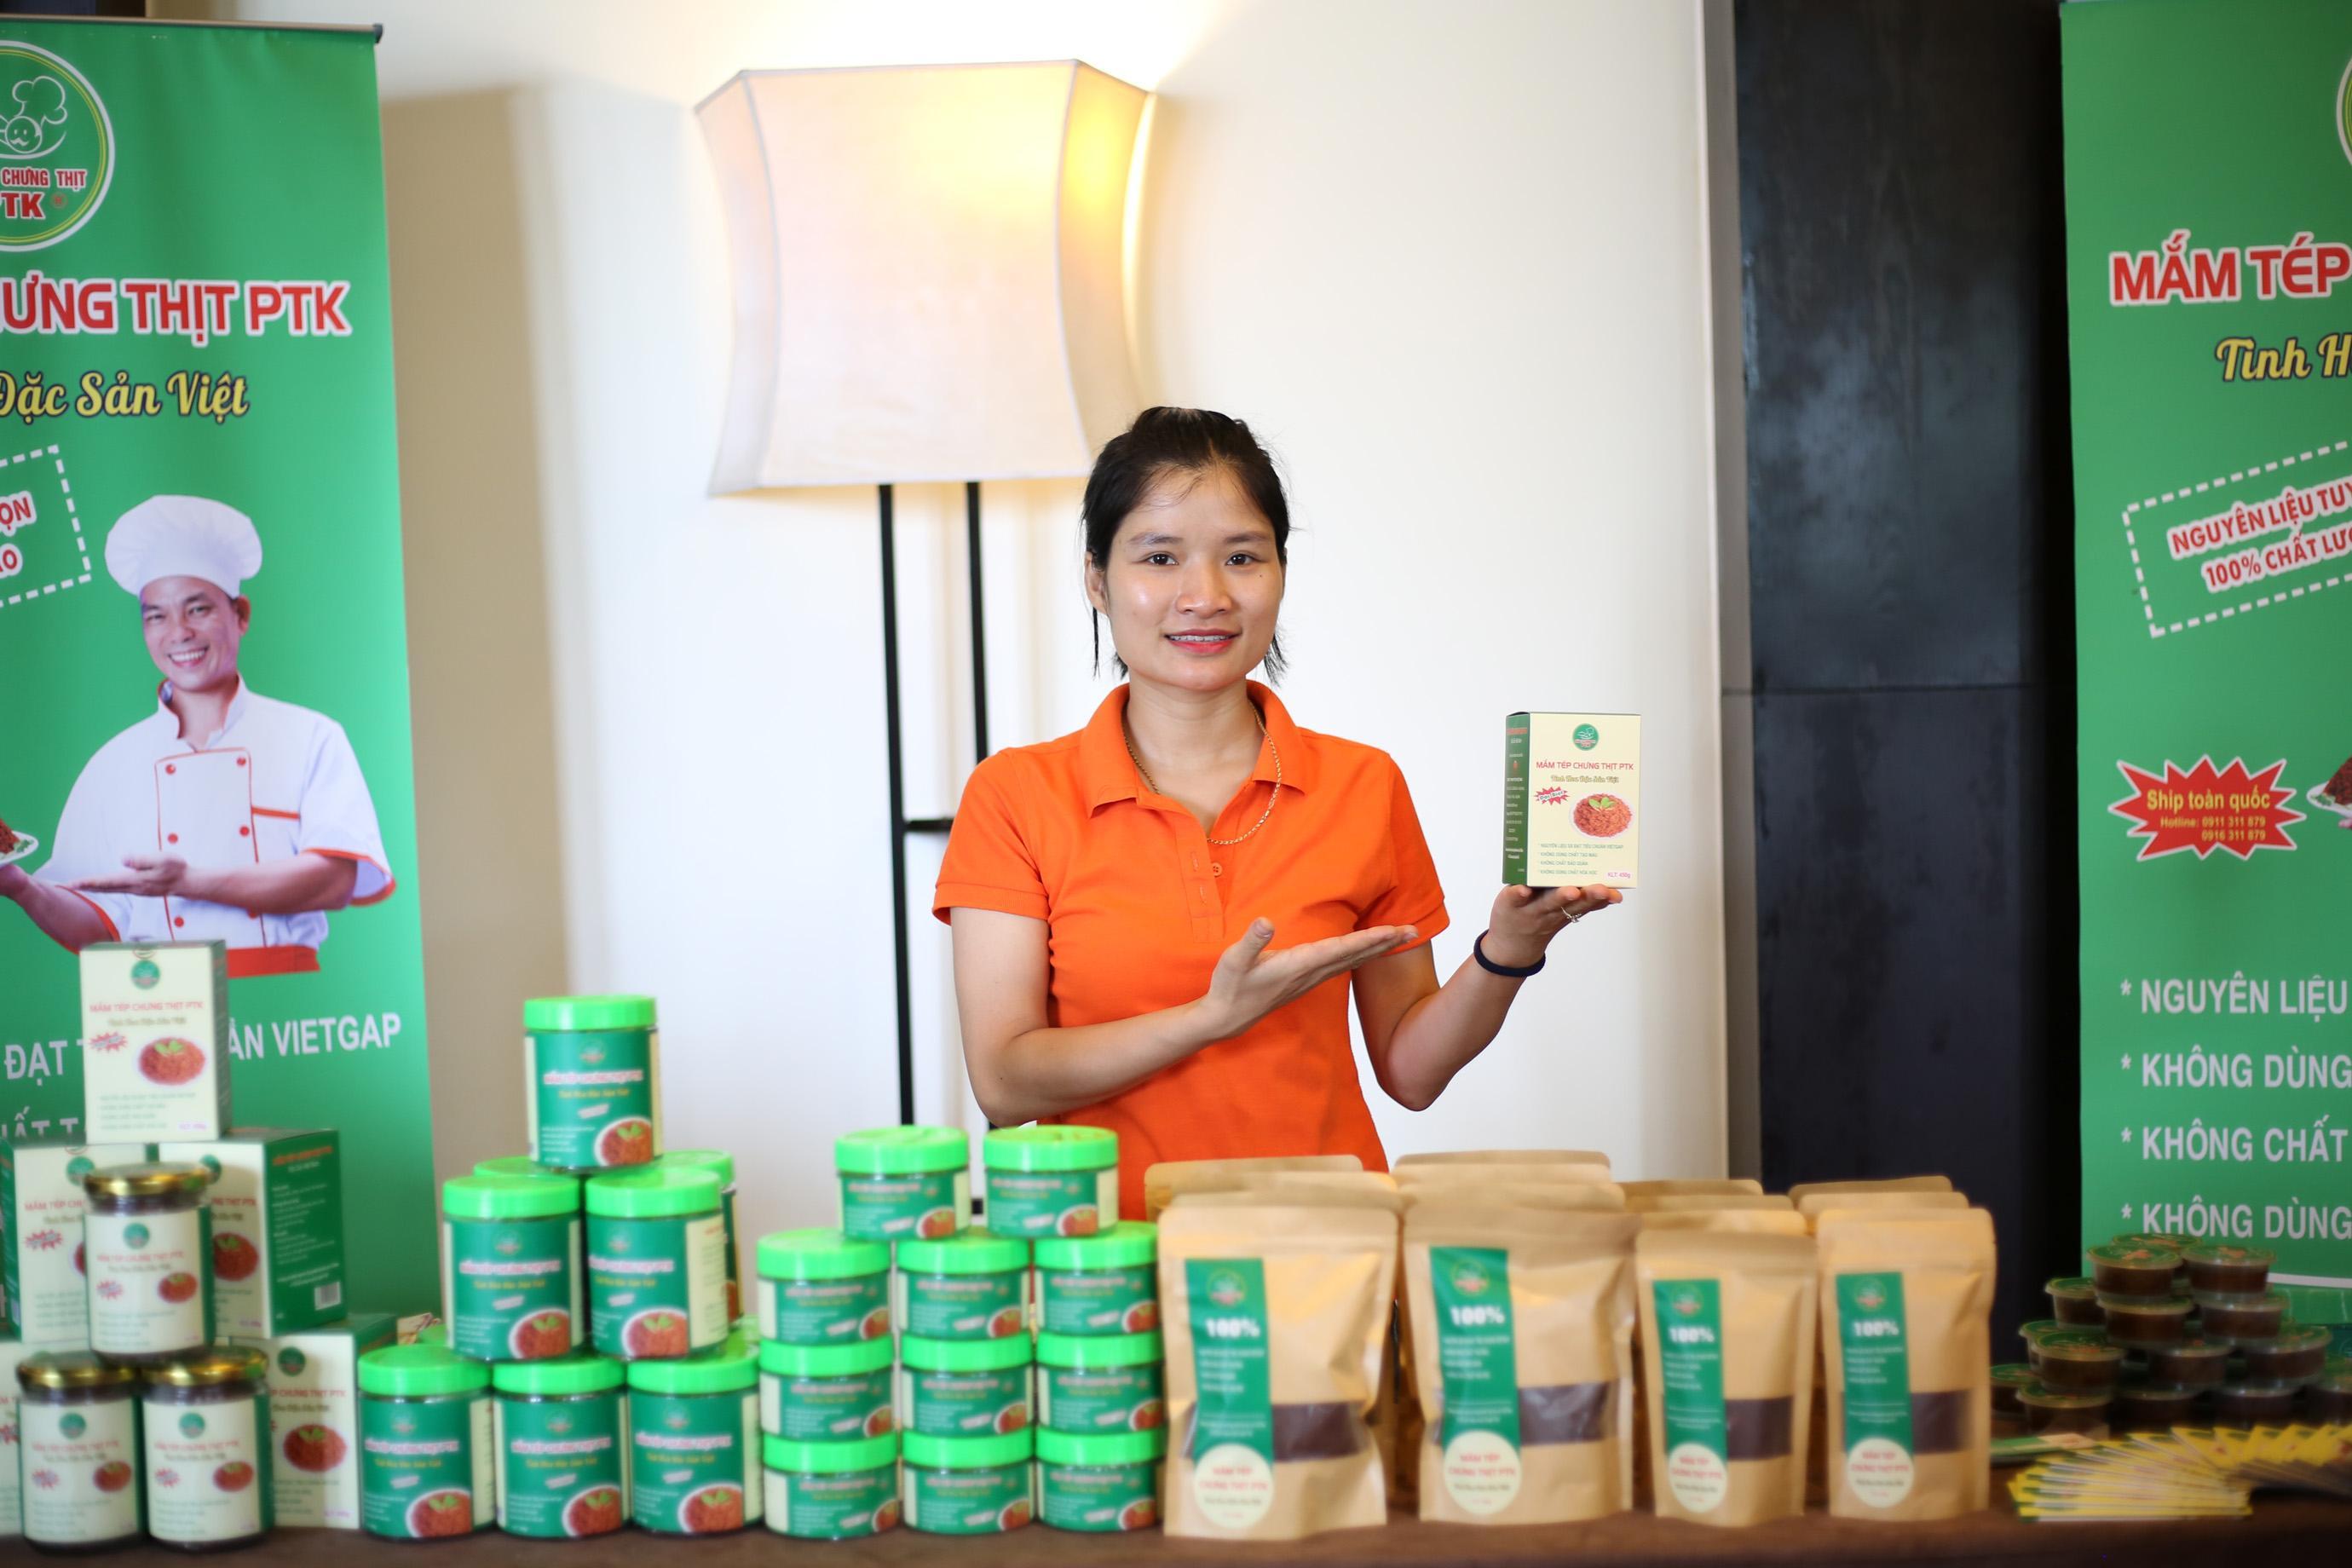 Công ty TNHH PTK 879 Việt Nam